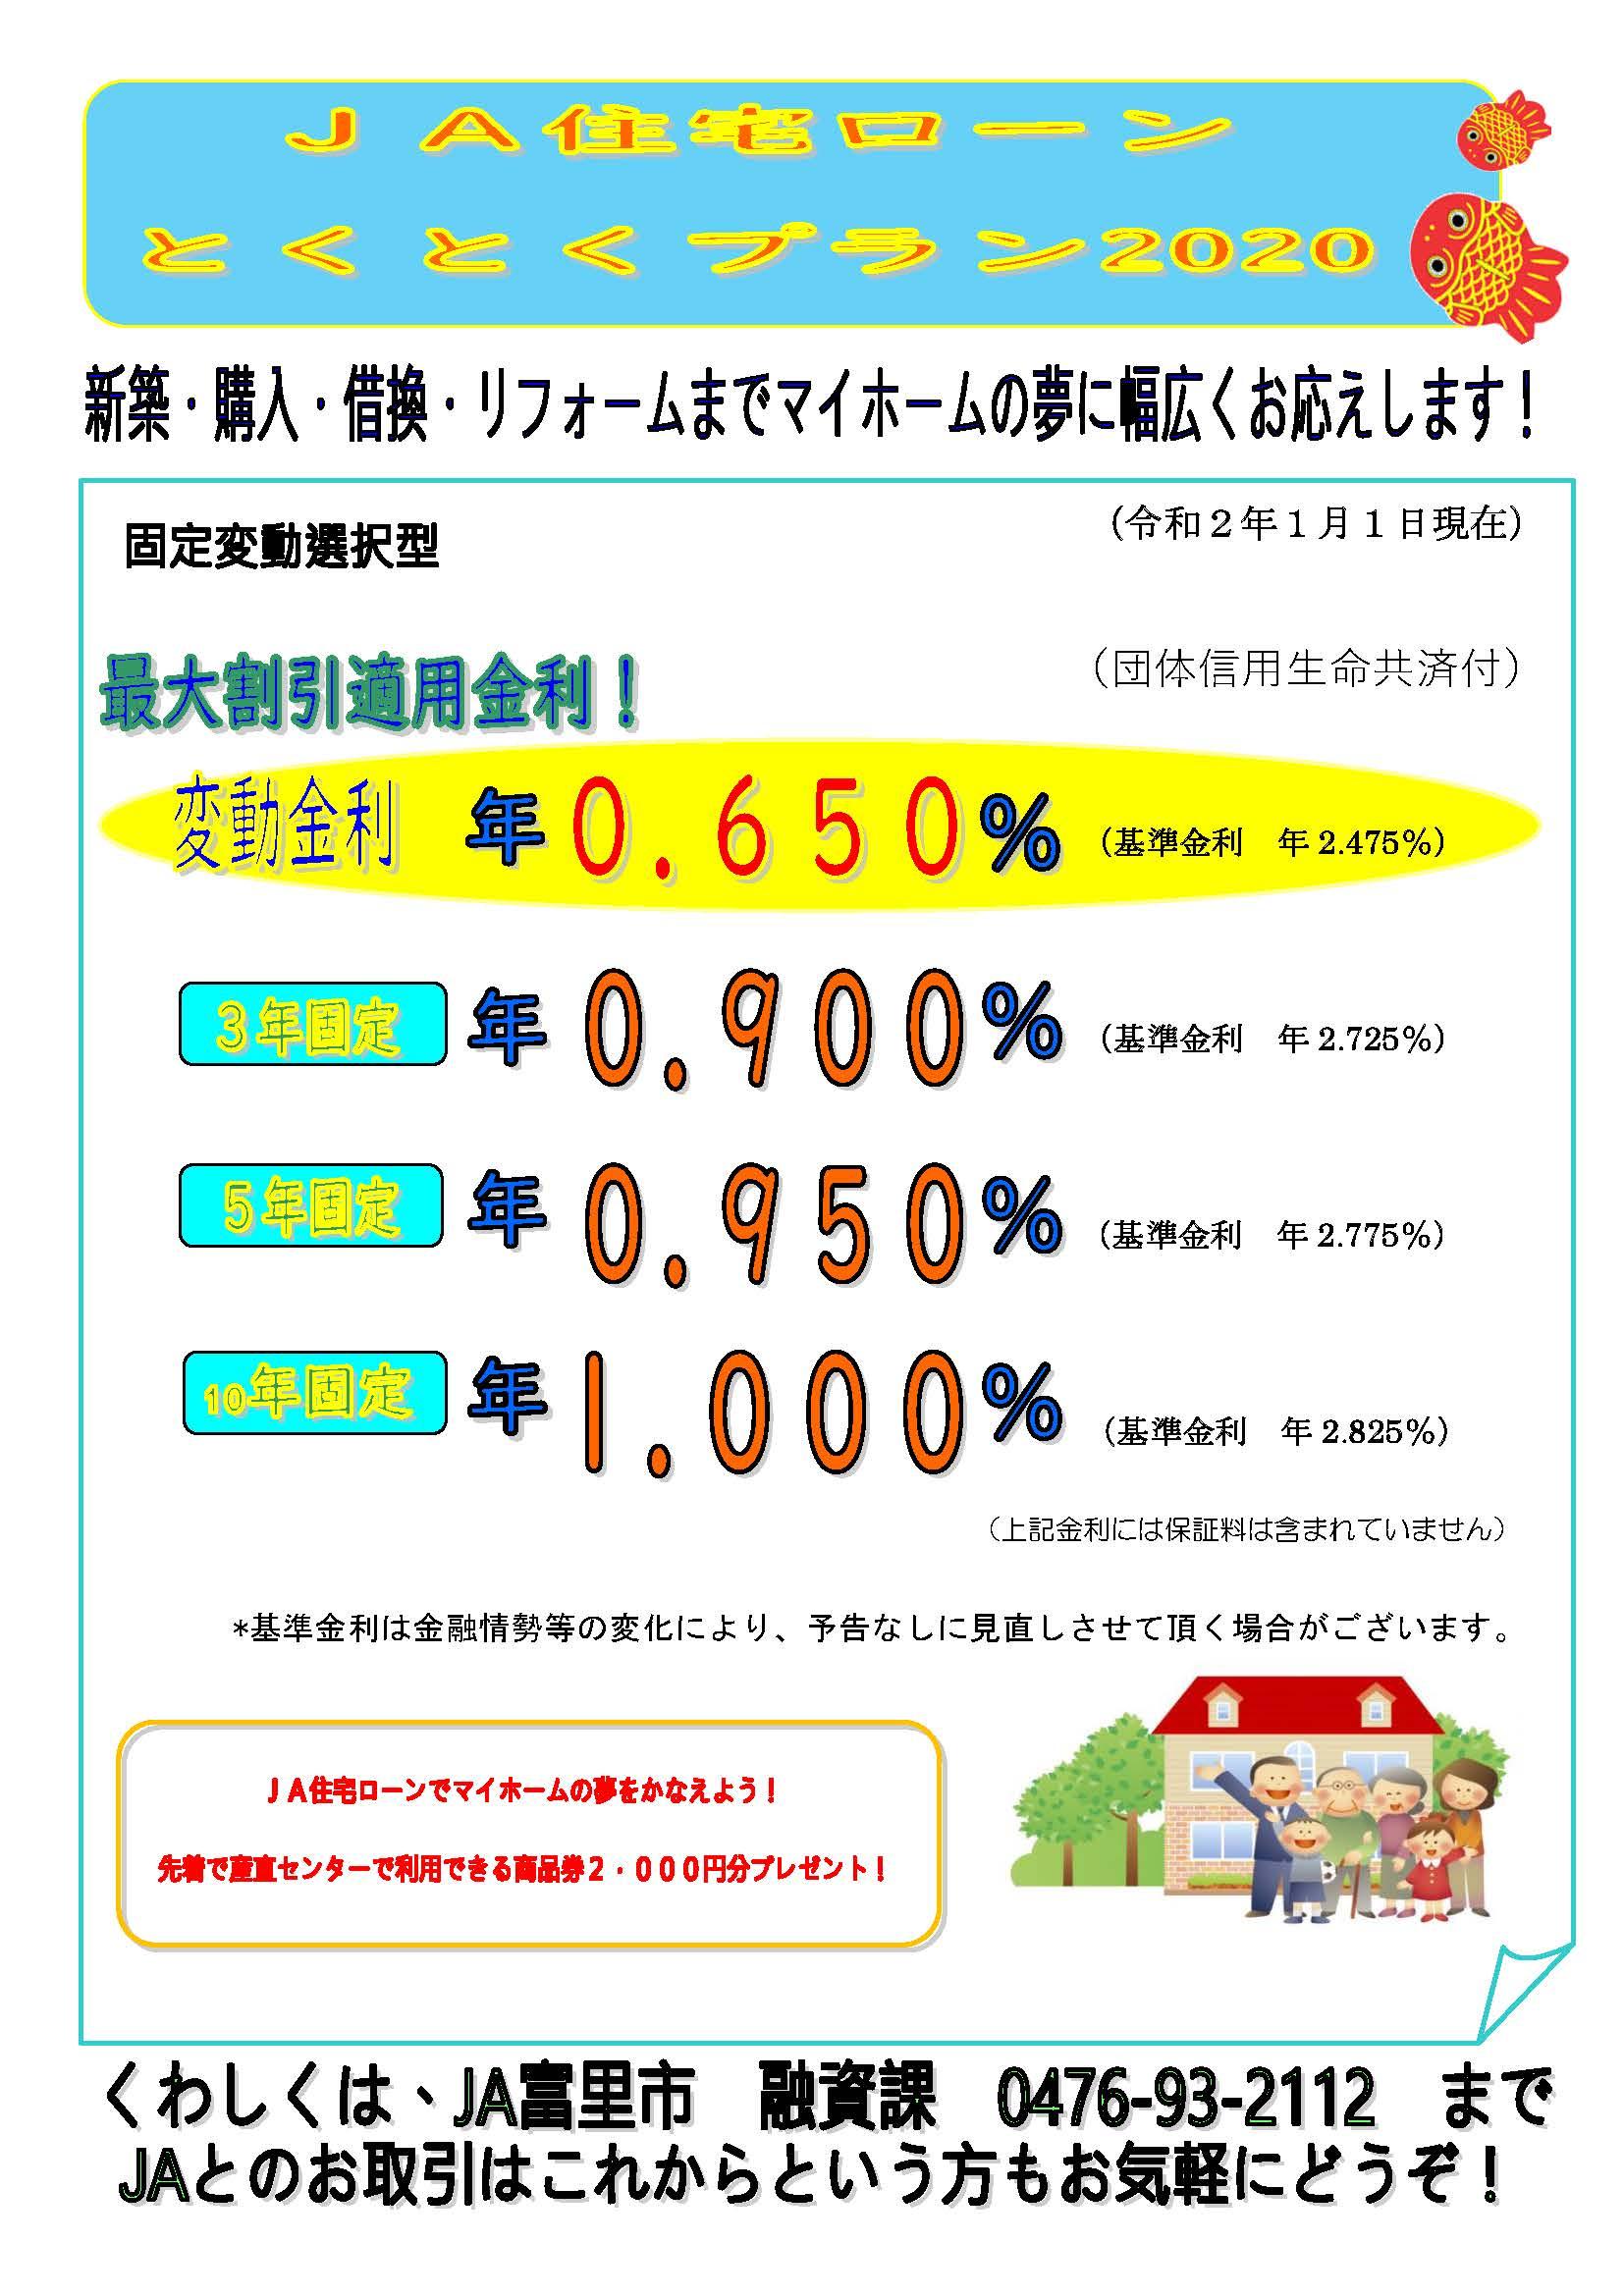 JA住宅ローンとくとくプラン2020